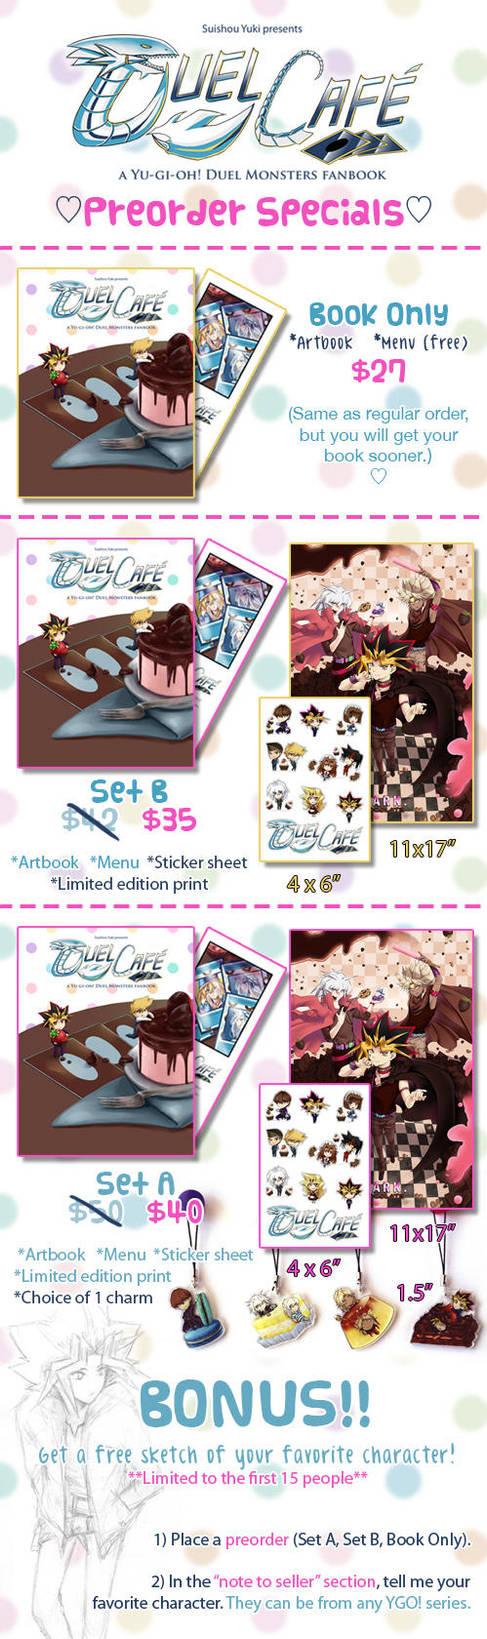 Duel Cafe Preorder Specials by suishouyuki